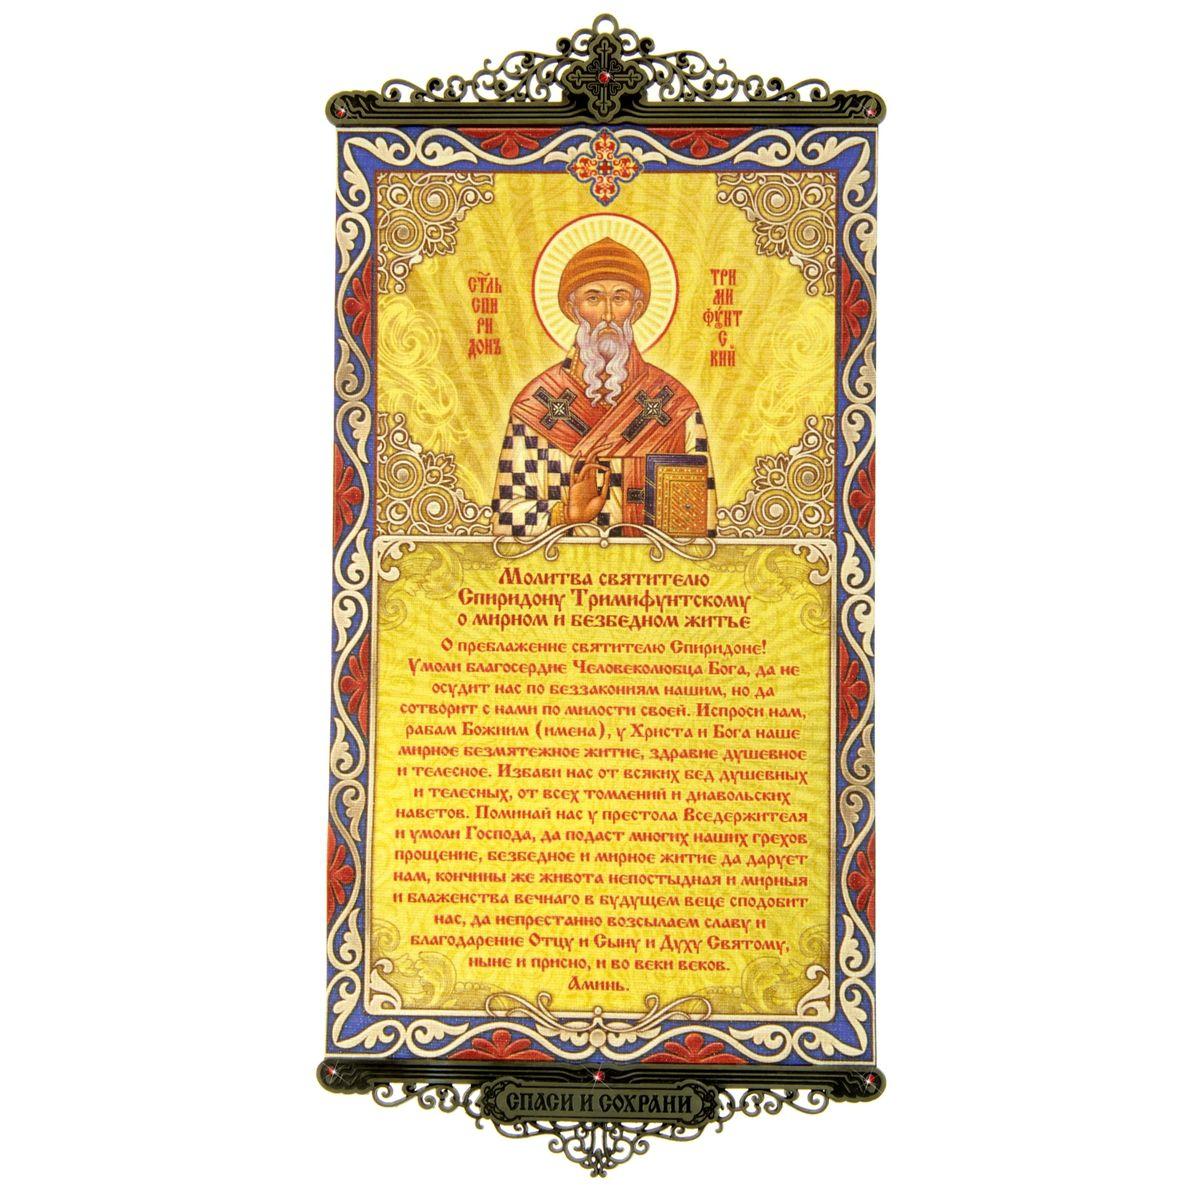 Икона с молитвой Молитва Спиридону Тримифунтскому о мирном и безбедном житье, на подвесах602830Икона с молитвой Молитва Спиридону Тримифунтскому о мирном и безбедном житье выполнена из плотного текстиля с нанесенным цветным рисунком, края декорированы ажурными металлическими вставками со стразами. Цветовая гамма и интерьер влияют на настроение каждого, именно поэтому так важны детали, которые нас окружают. Знатоки интерьерных решений стараются применять самые разнообразные решения при художественном оформлении внутреннего пространства и использовать все возможные материалы. Икона с молитвой на подвесах - это хорошее решение для интерьера по выгодной цене!